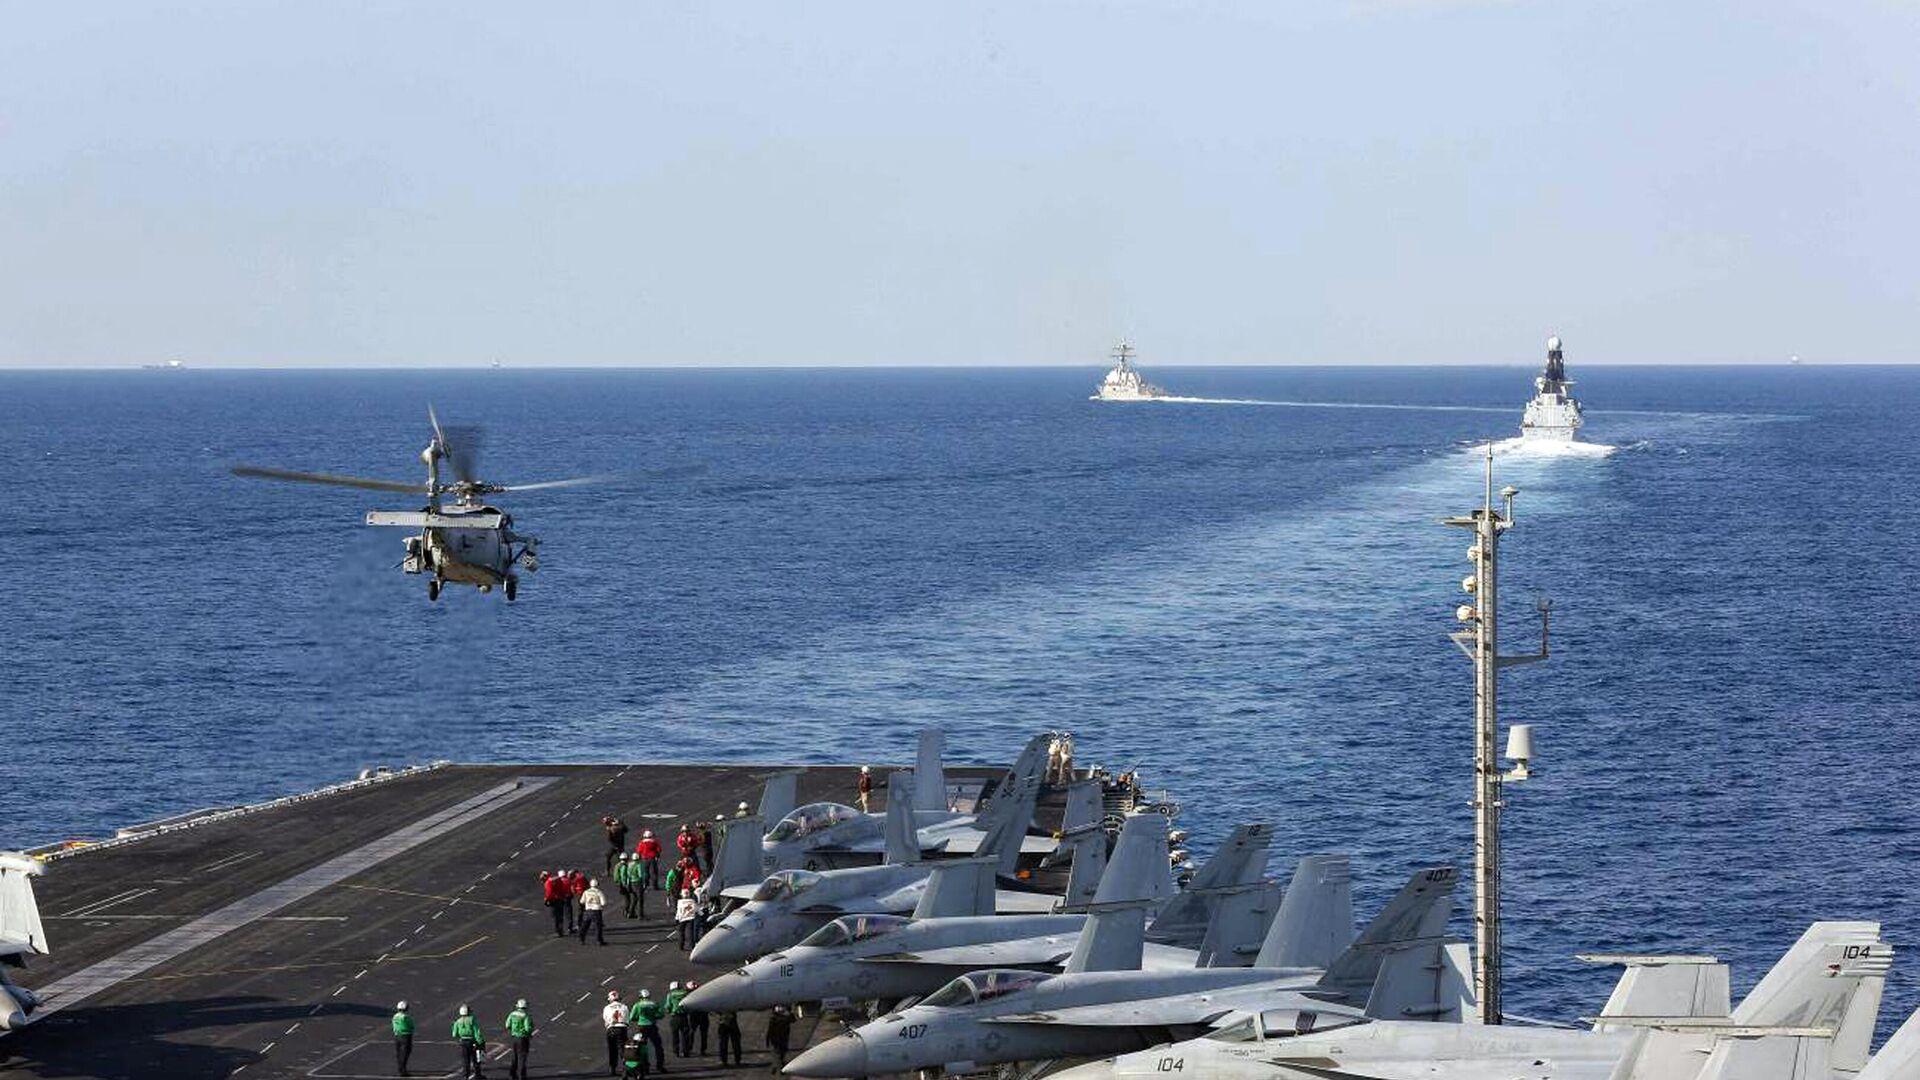 Hubschrauber MH-60S startet von Bord des Flugzeugträgers USS Abraham Lincoln (Archivbild)  - SNA, 1920, 01.09.2021